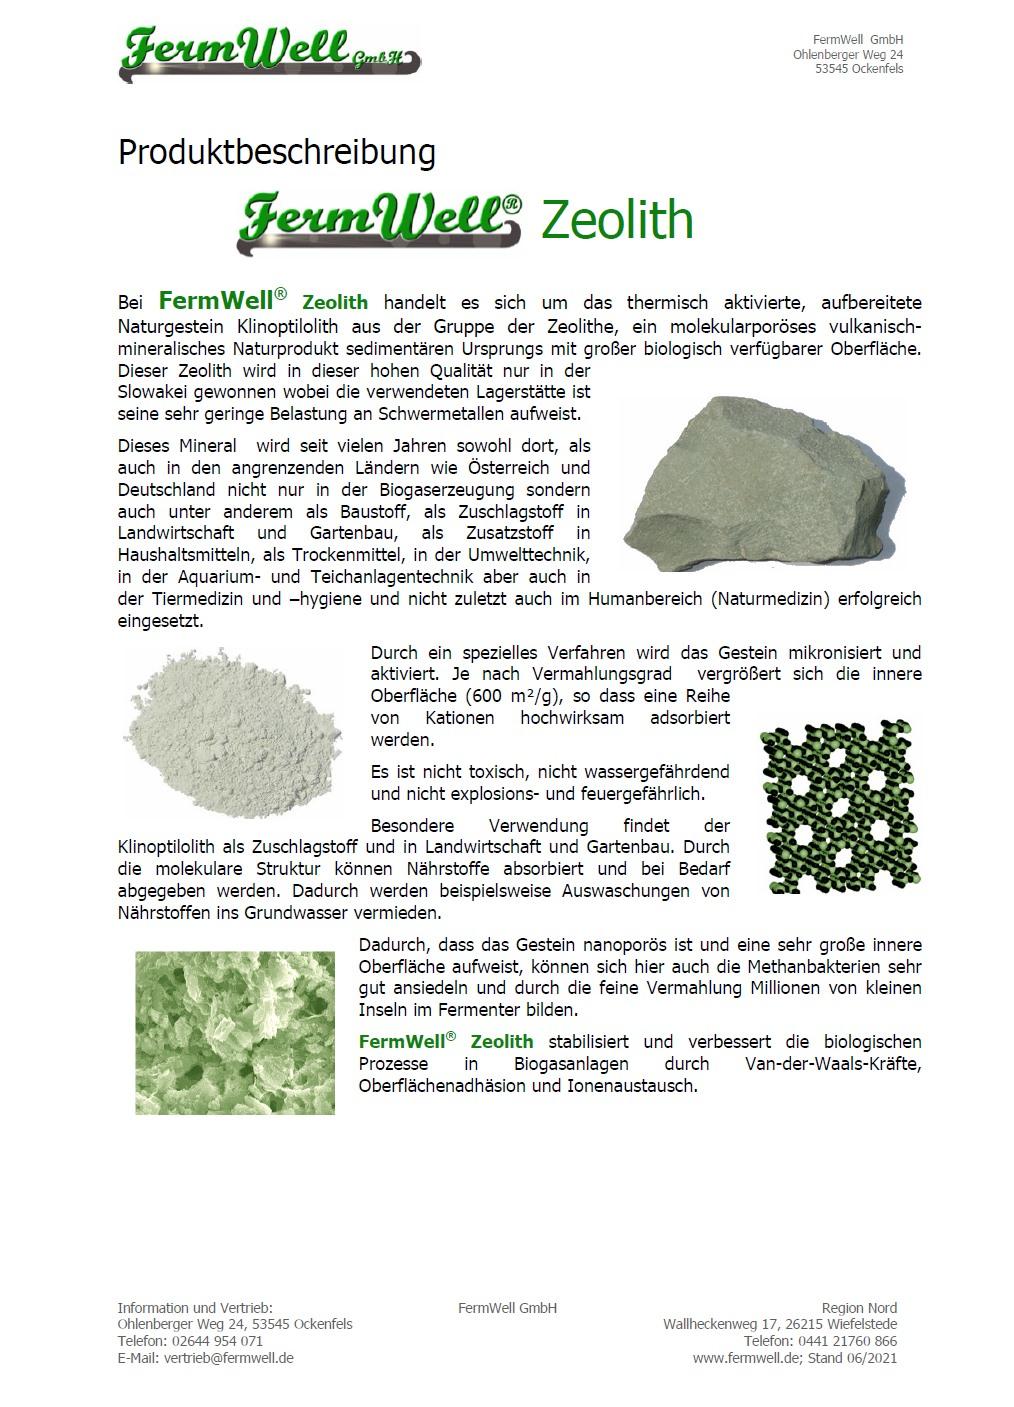 FermWell_Zeolith_Produktbeschreib_2106-p